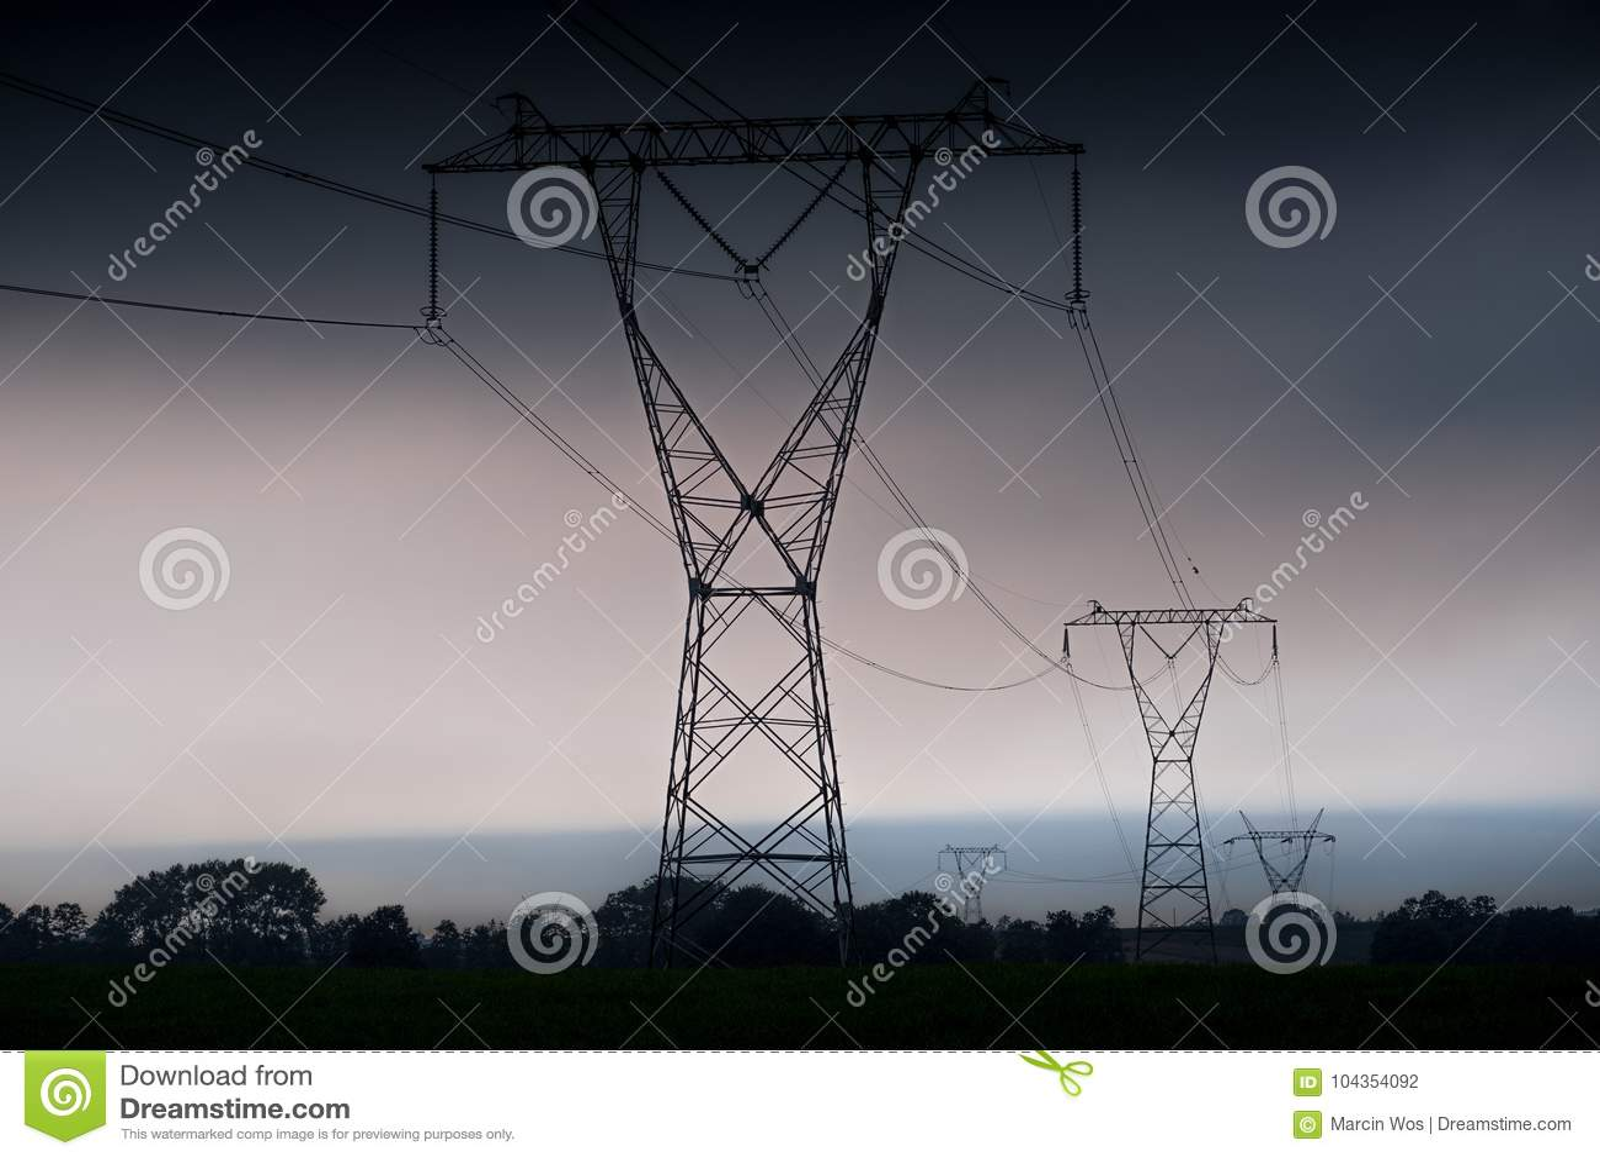 ElektrizitätsübertragungsStromleitungen am Sonnenuntergang Hochspannungsturm